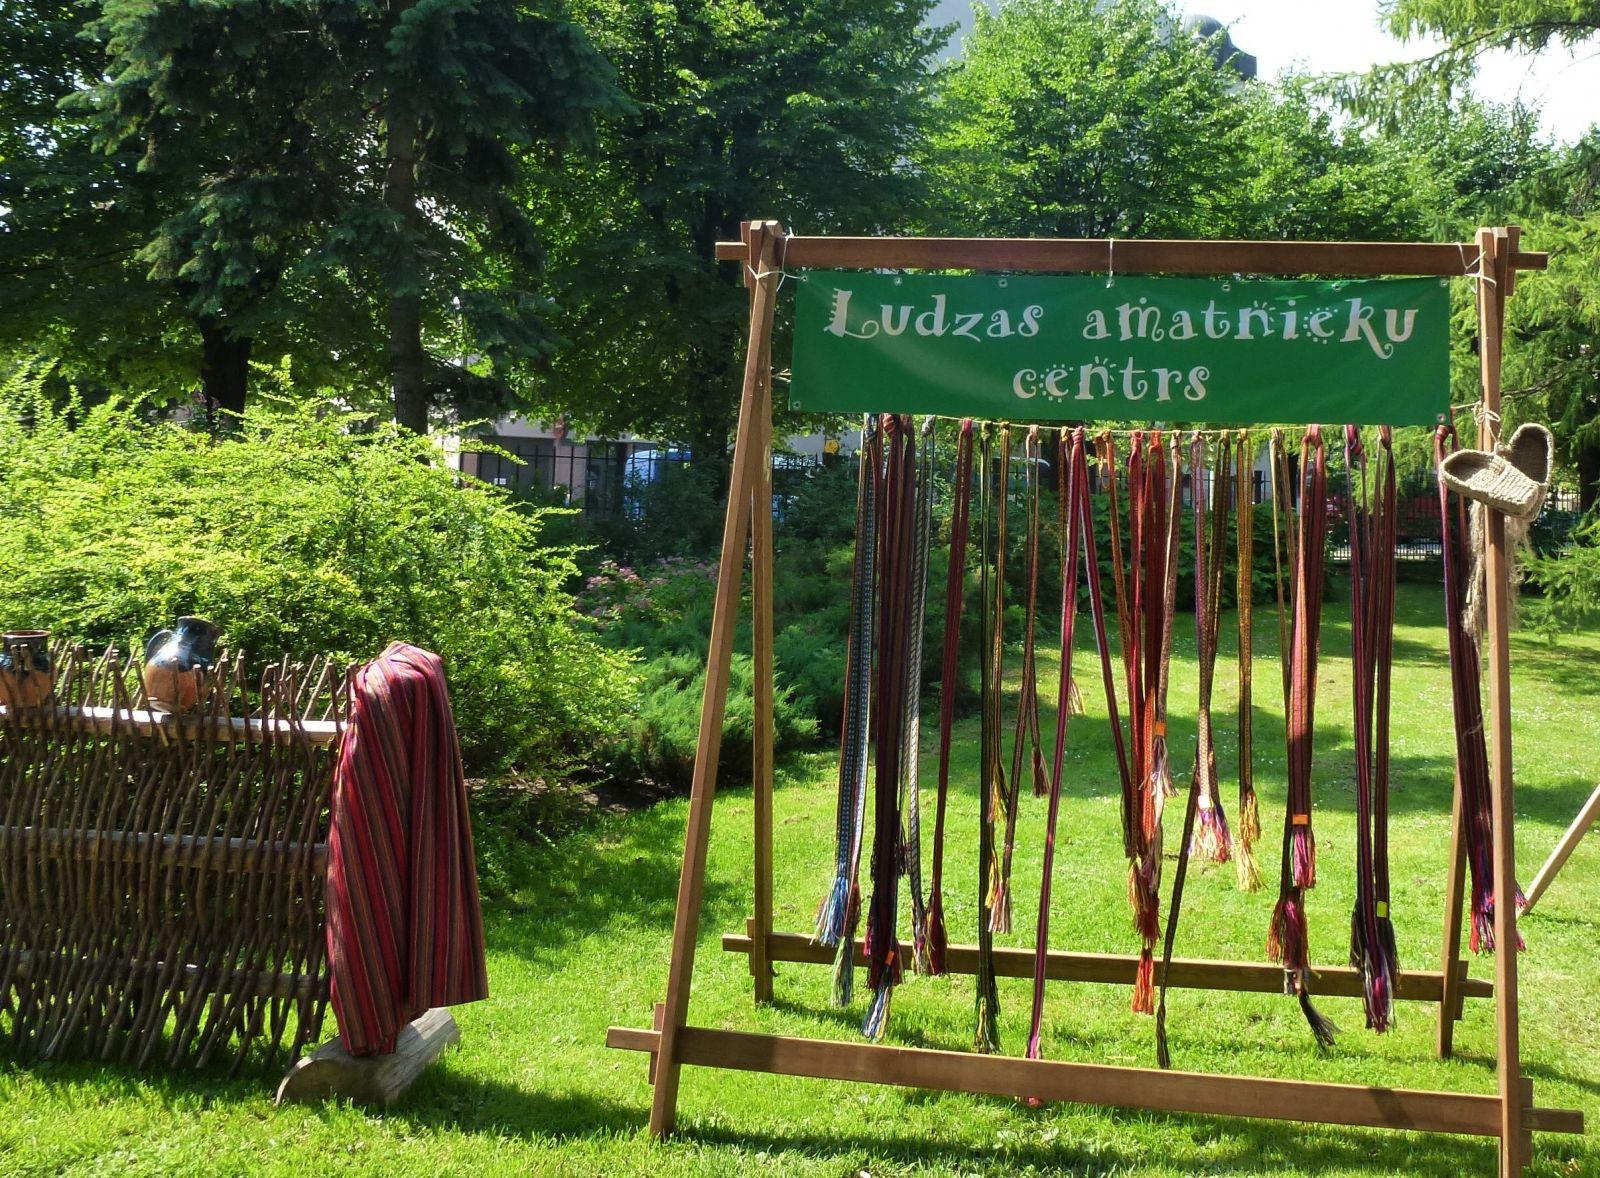 Festivāls Baltica 2012 Vērmanes dārzā